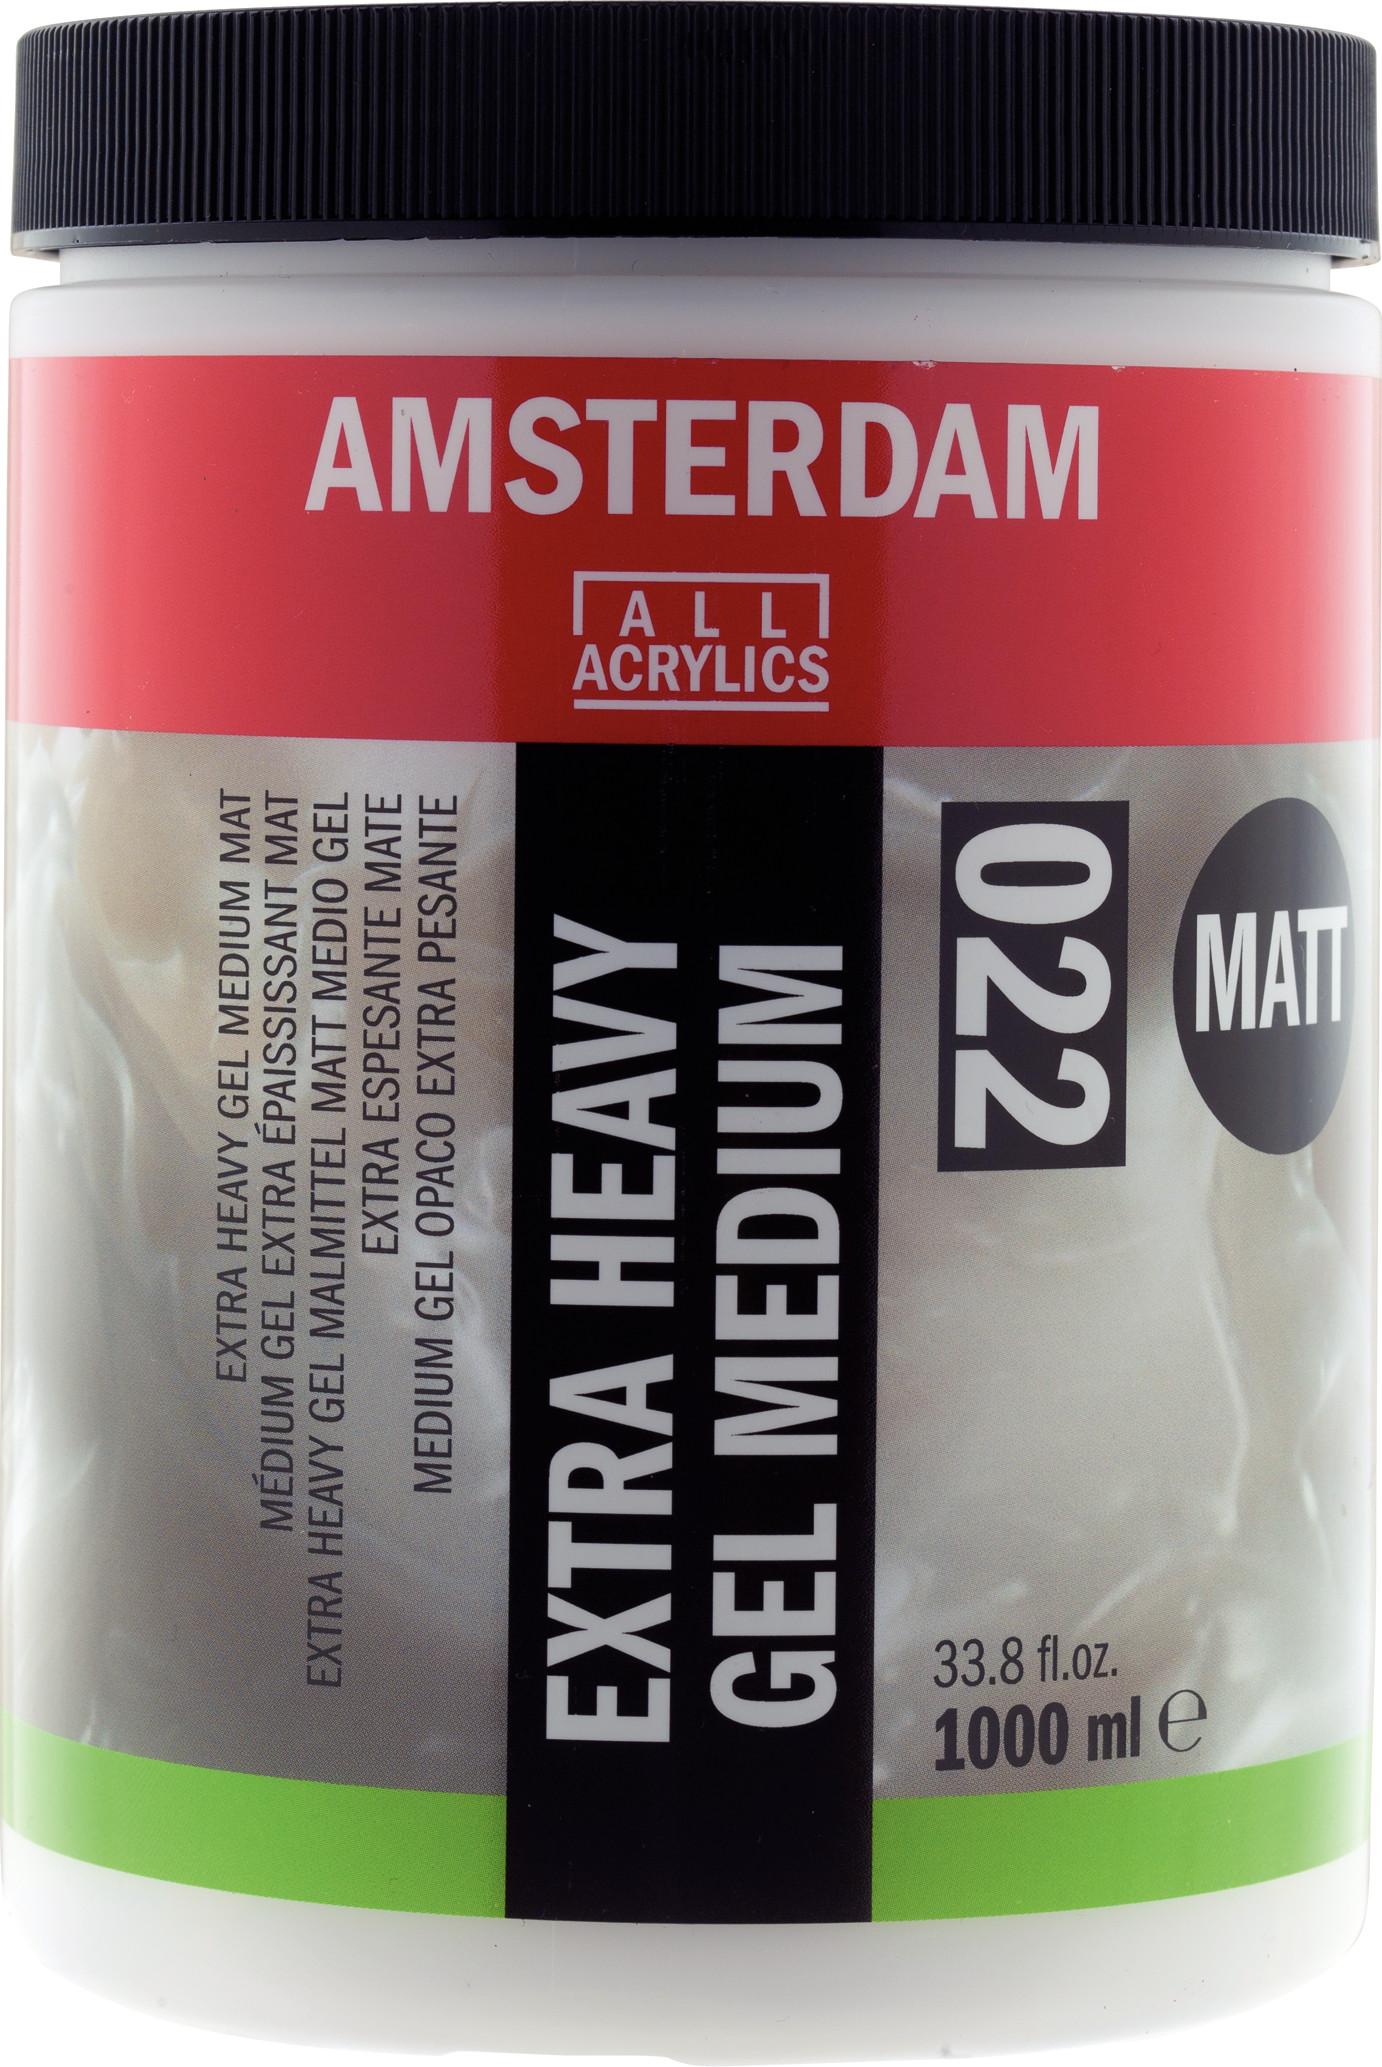 Amsterdam Extra Heavy Gel Medium Matt Jar 1000 ml